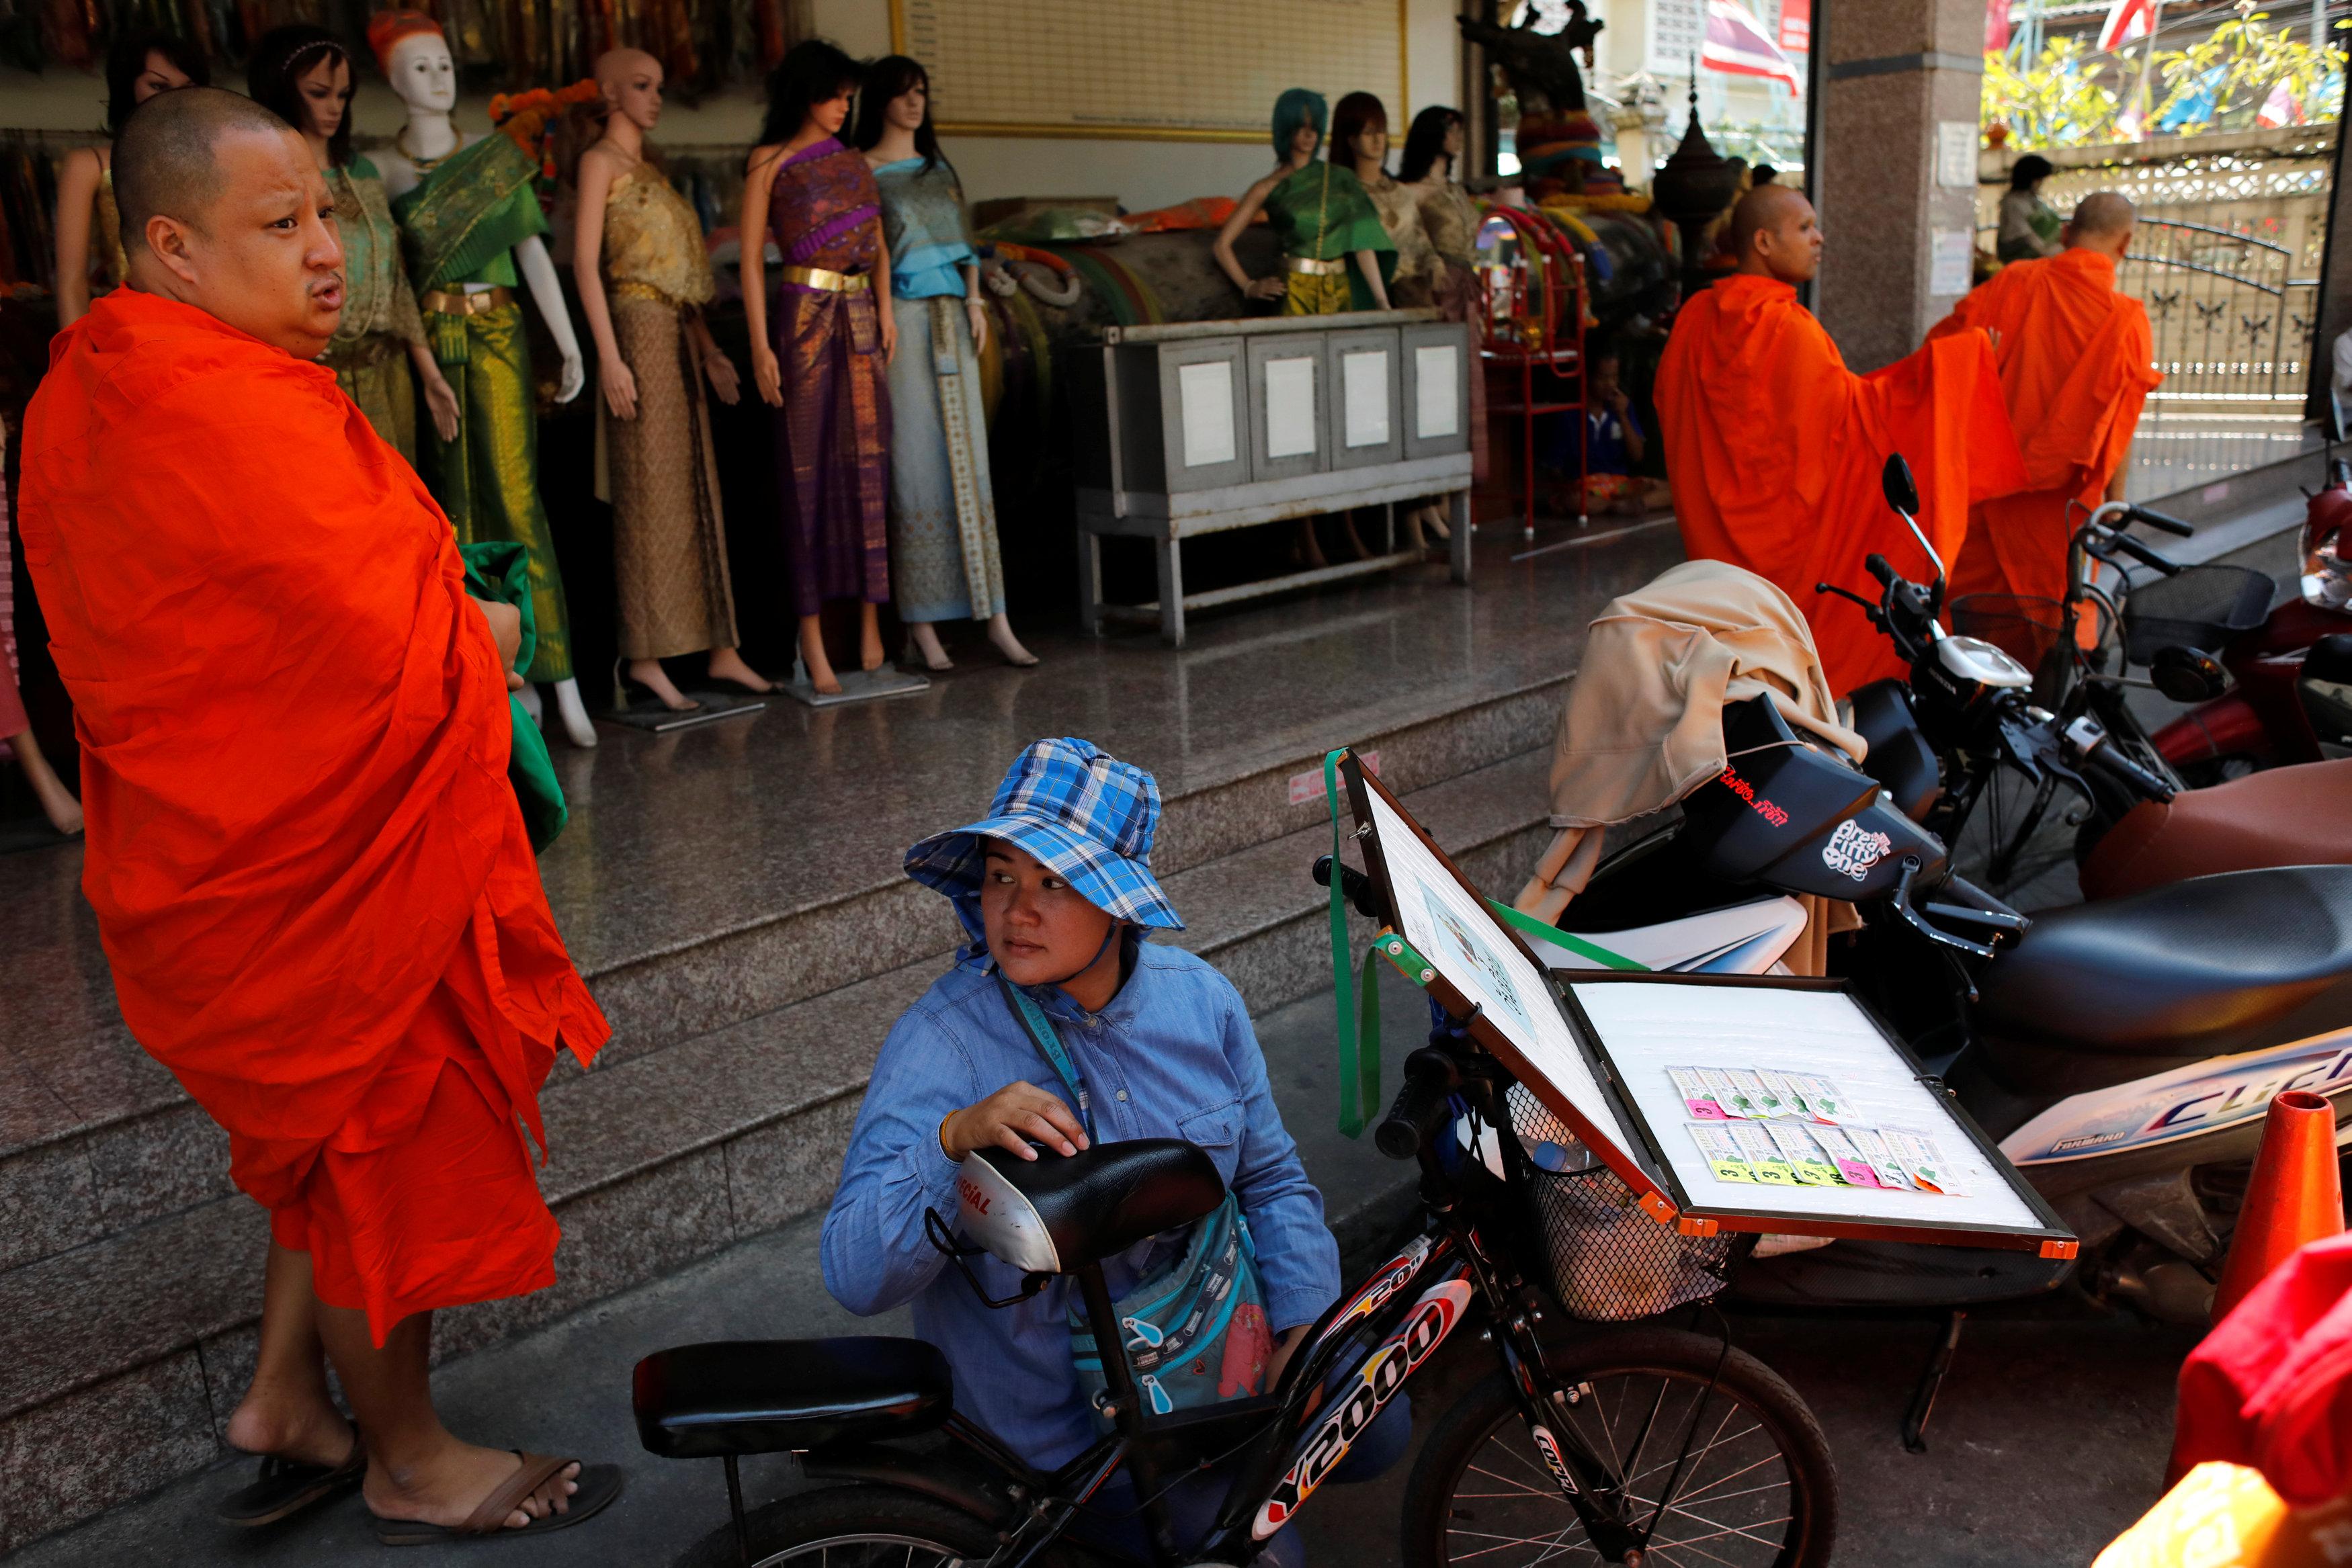 أحد بائعى تذاكر اليانصيب أمام أحد المعابد فى تايلاند